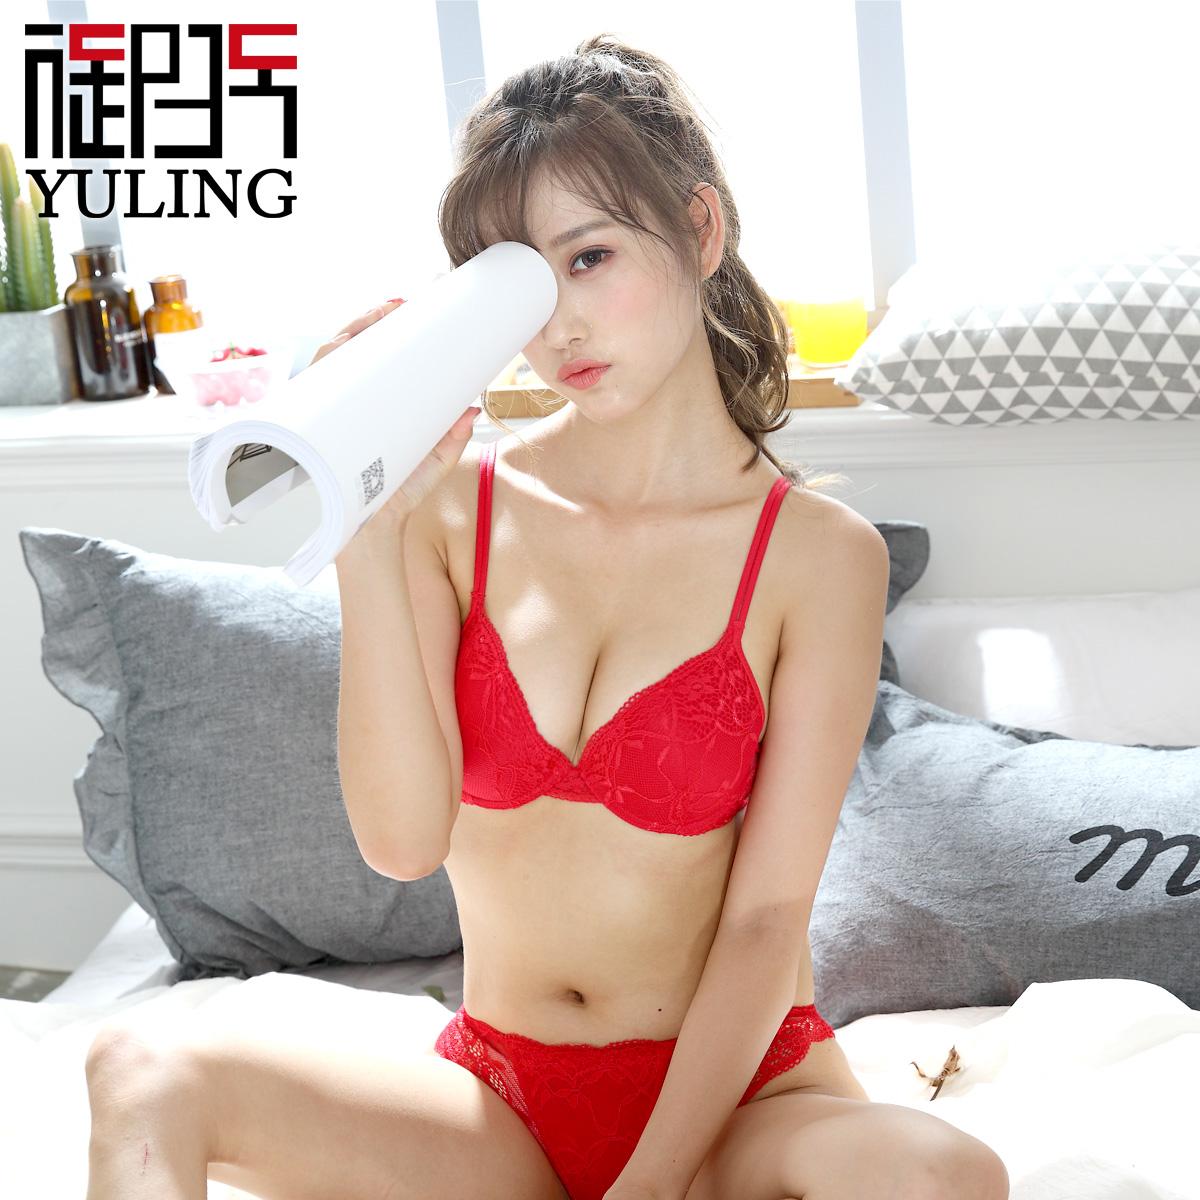 御玲春夏新品本命年红色系列 结婚内衣蕾丝性感聚拢文胸套装